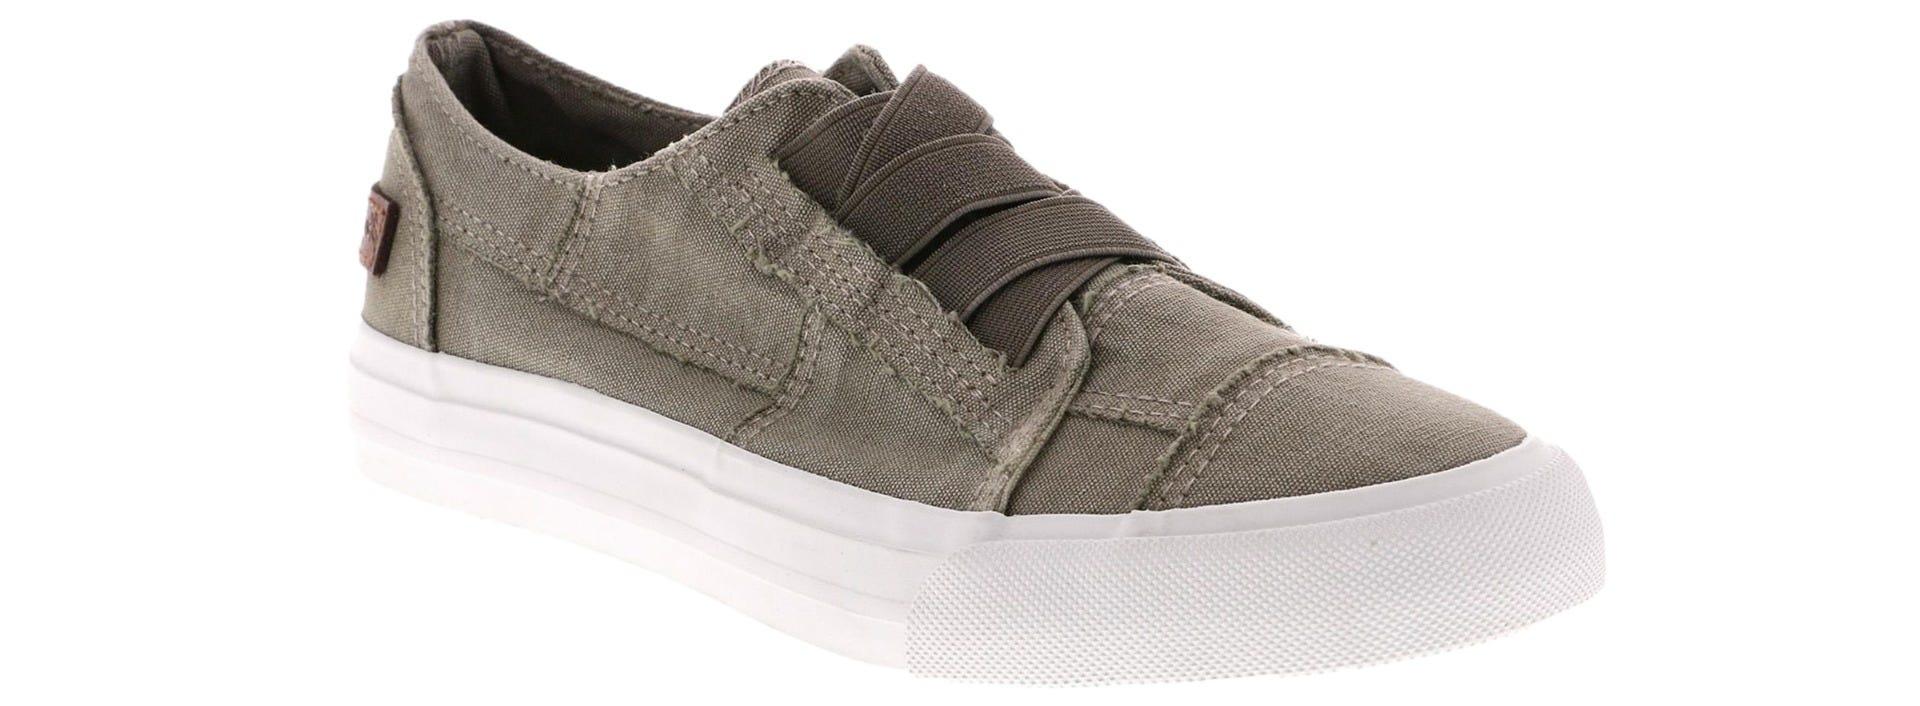 Women's Blowfish Marley Grey | Shoe